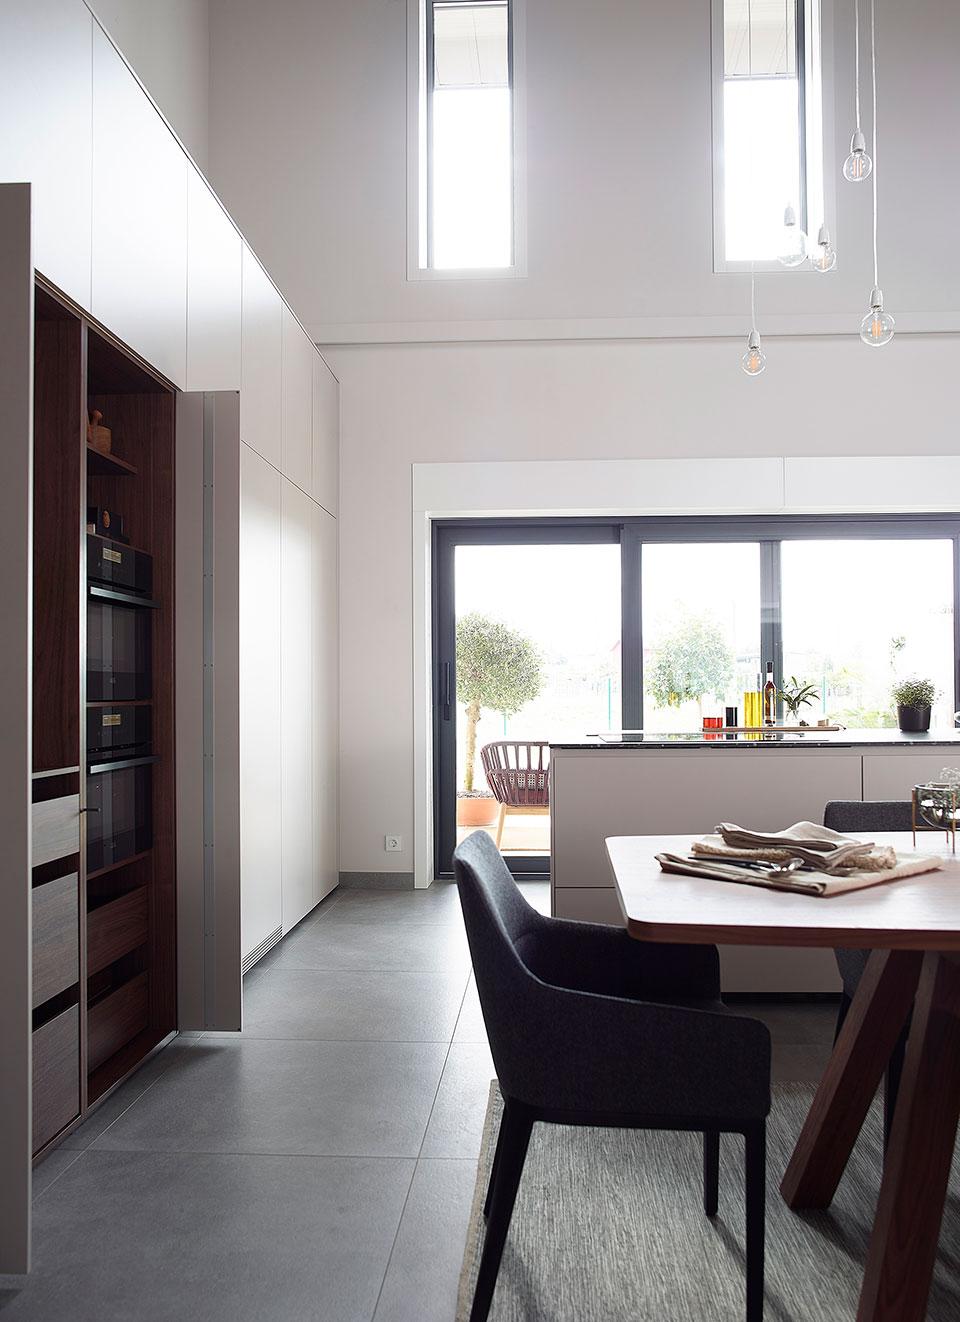 muebles-cocina-blanco-madera-santos